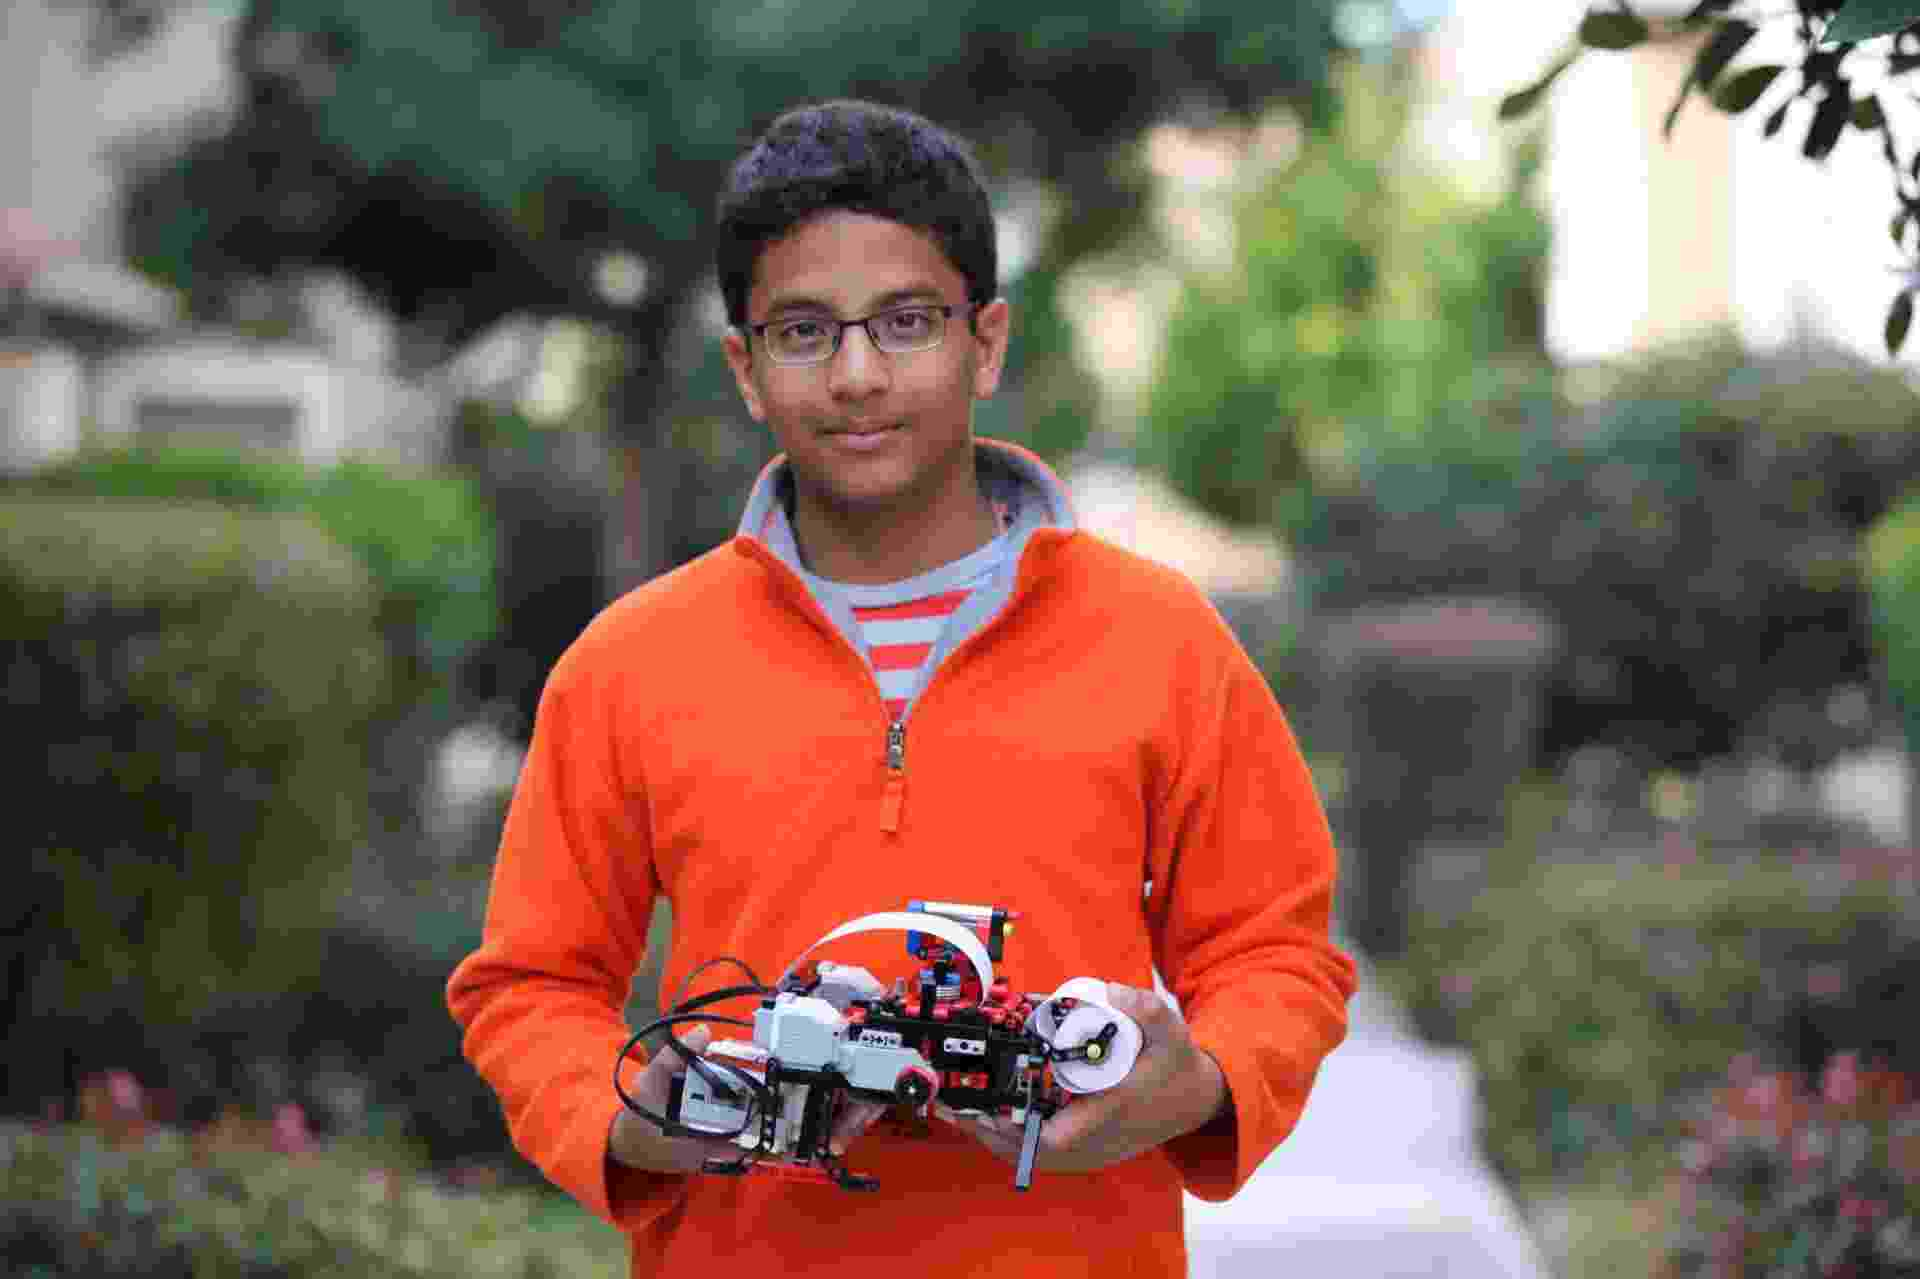 Shubham Banerjee, estudante de origem indiana criador da Braigo, uma impressora braile feita com peças de Lego - Divulgação/Neil Banerjee